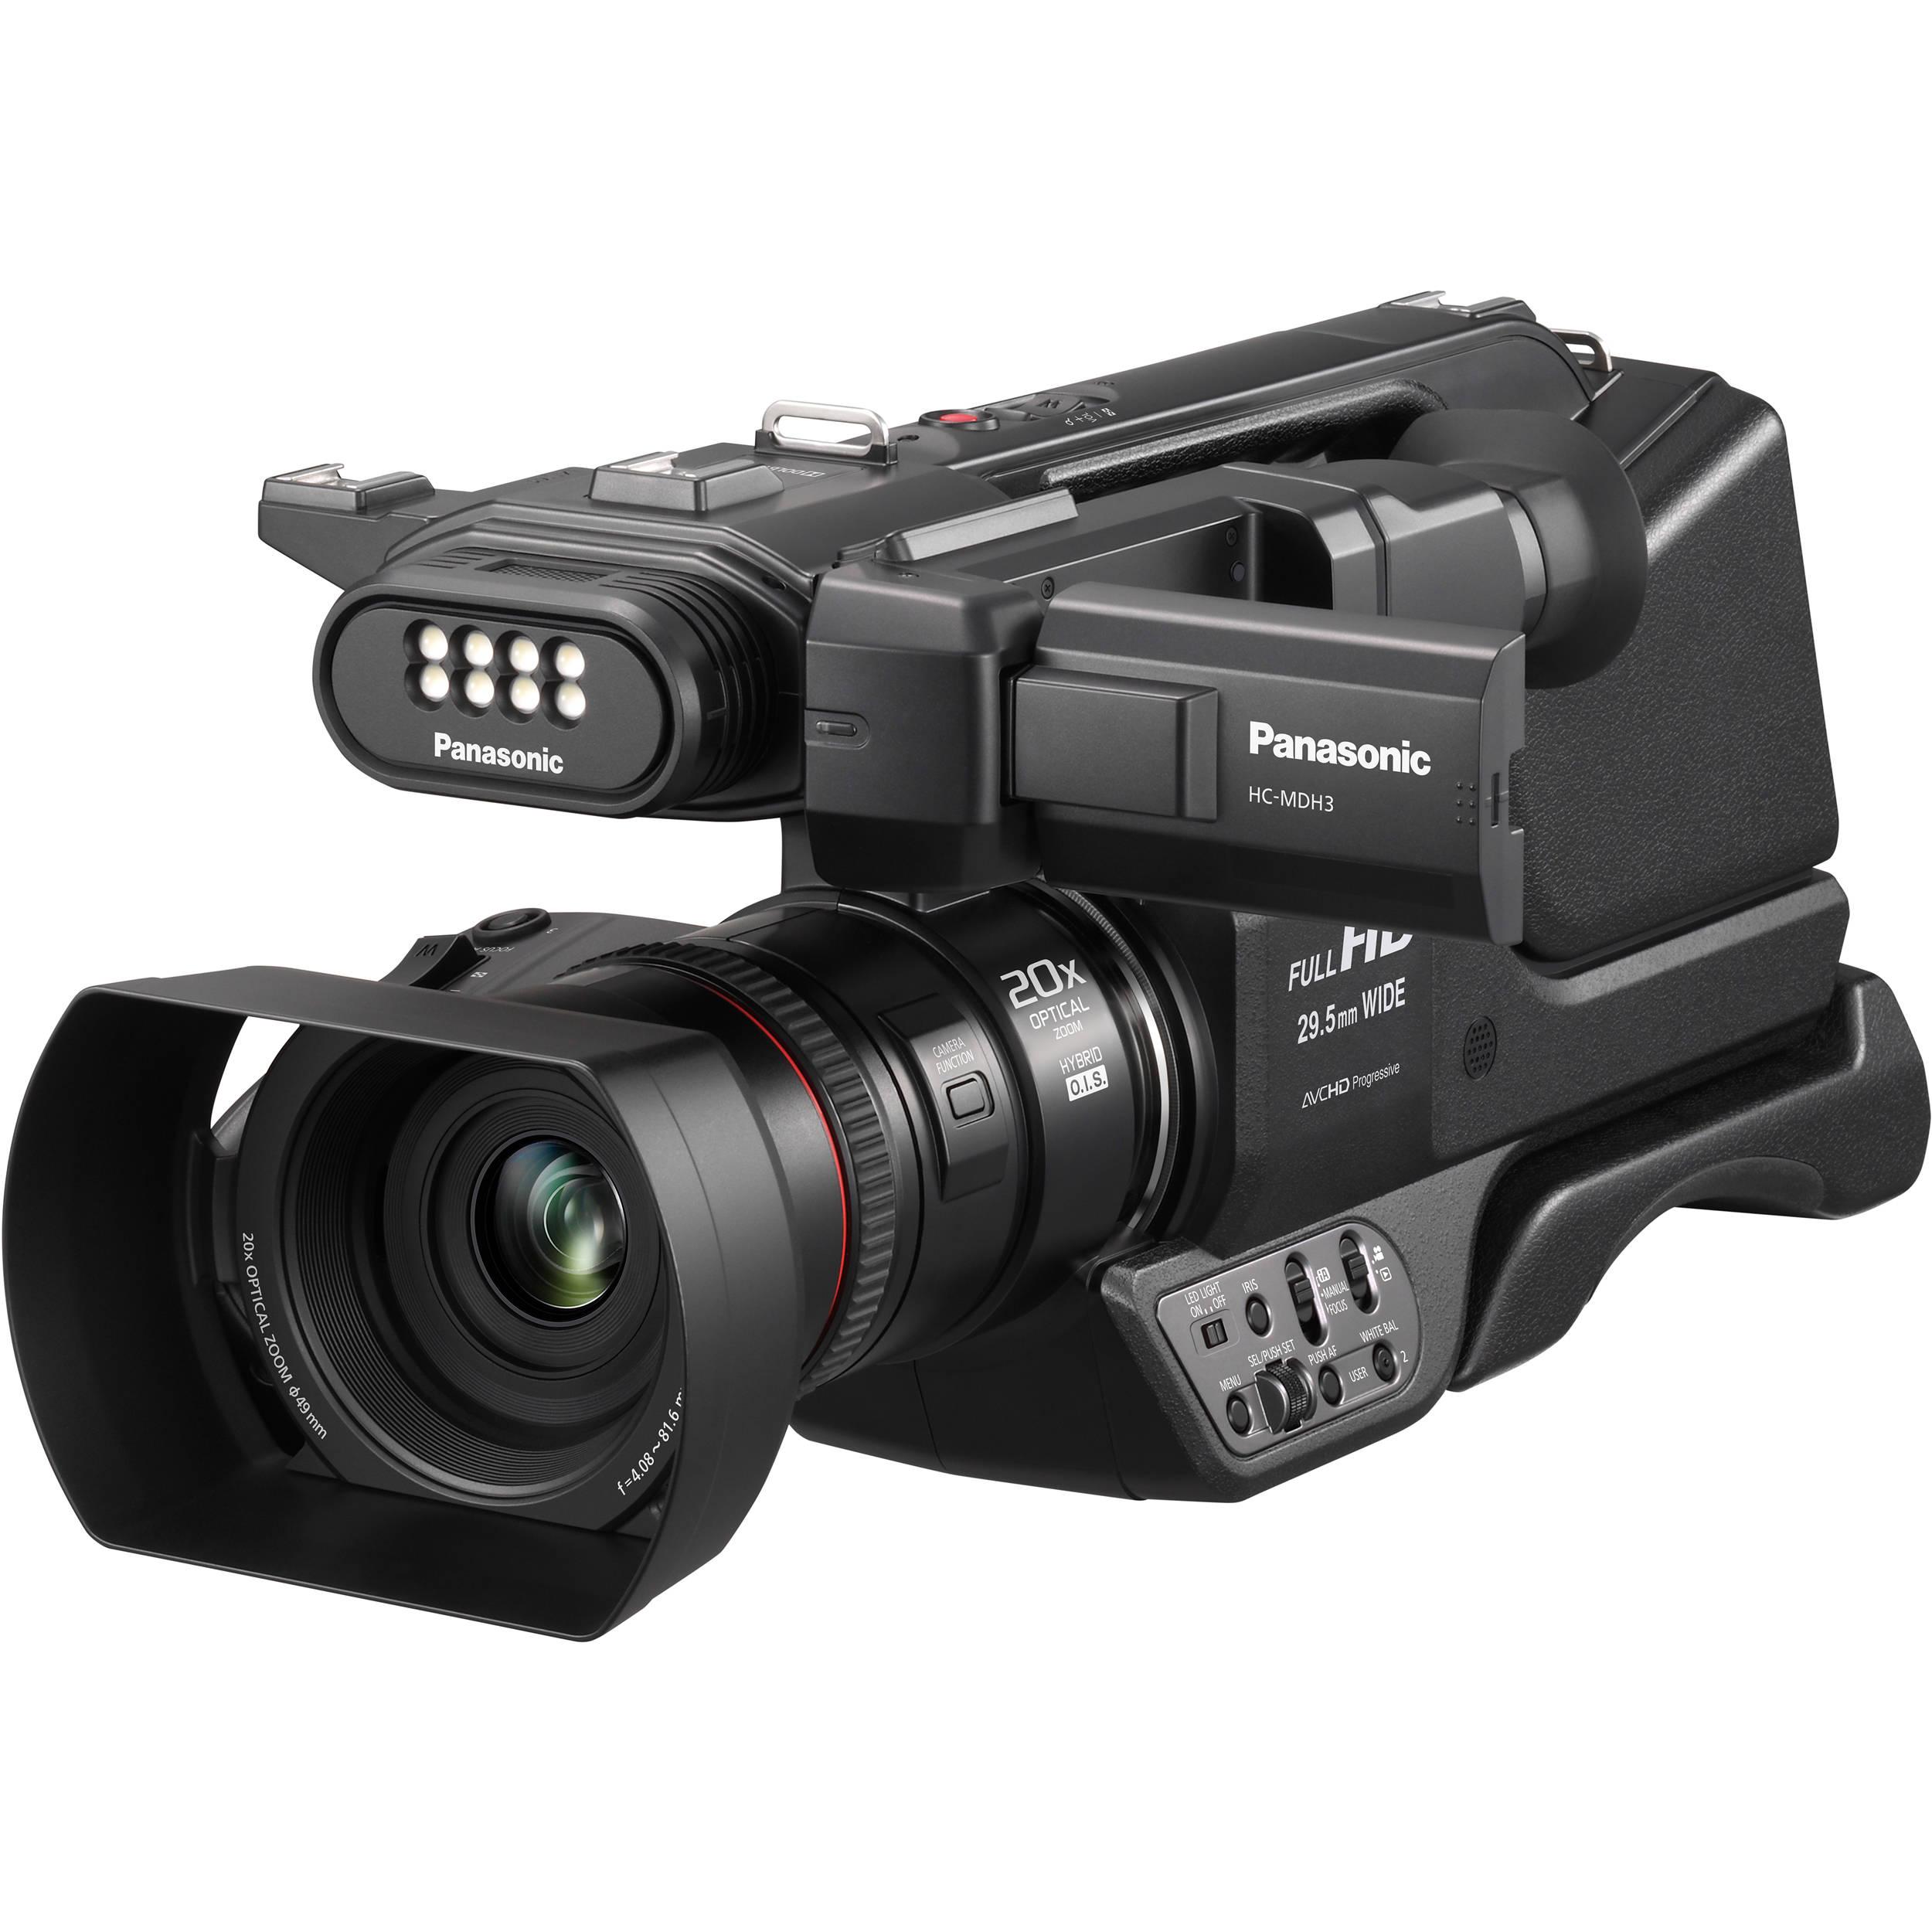 Panasonic HC-MDH30